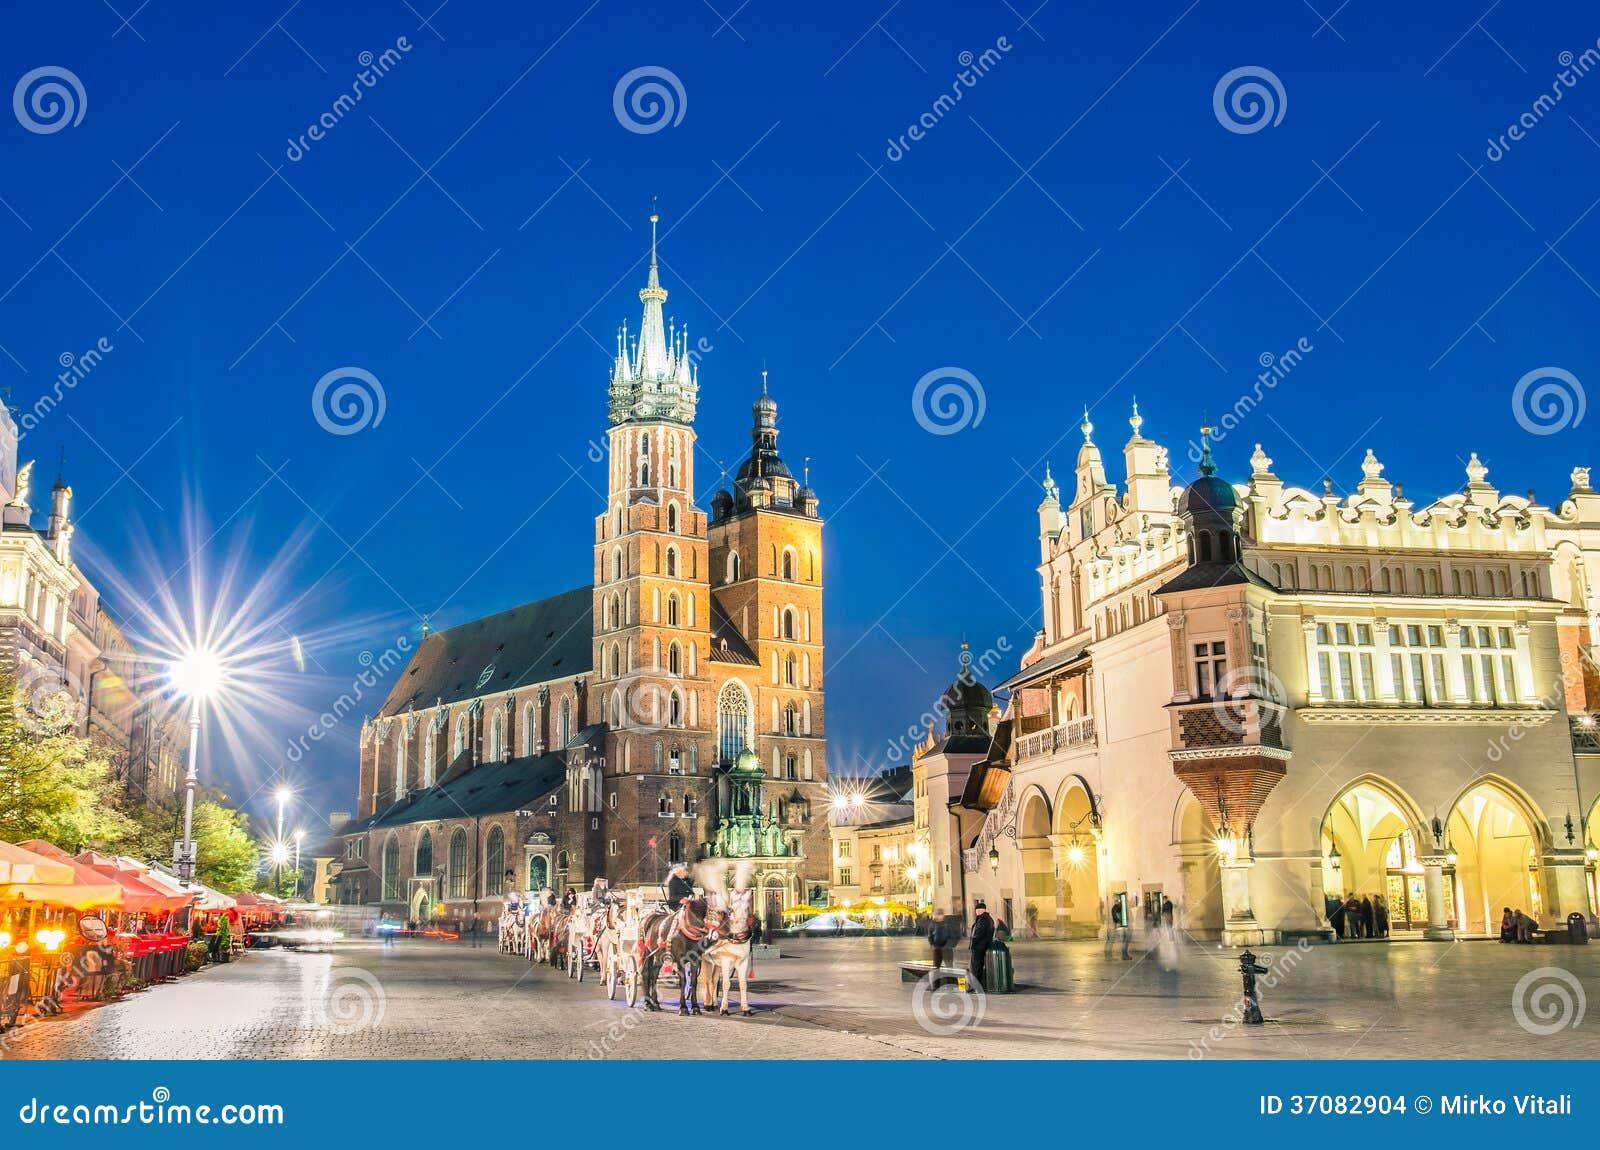 Download Rynek Glowny - Główny Plac Krakow W Polska Zdjęcie Stock - Obraz złożonej z średniowieczny, ulica: 37082904